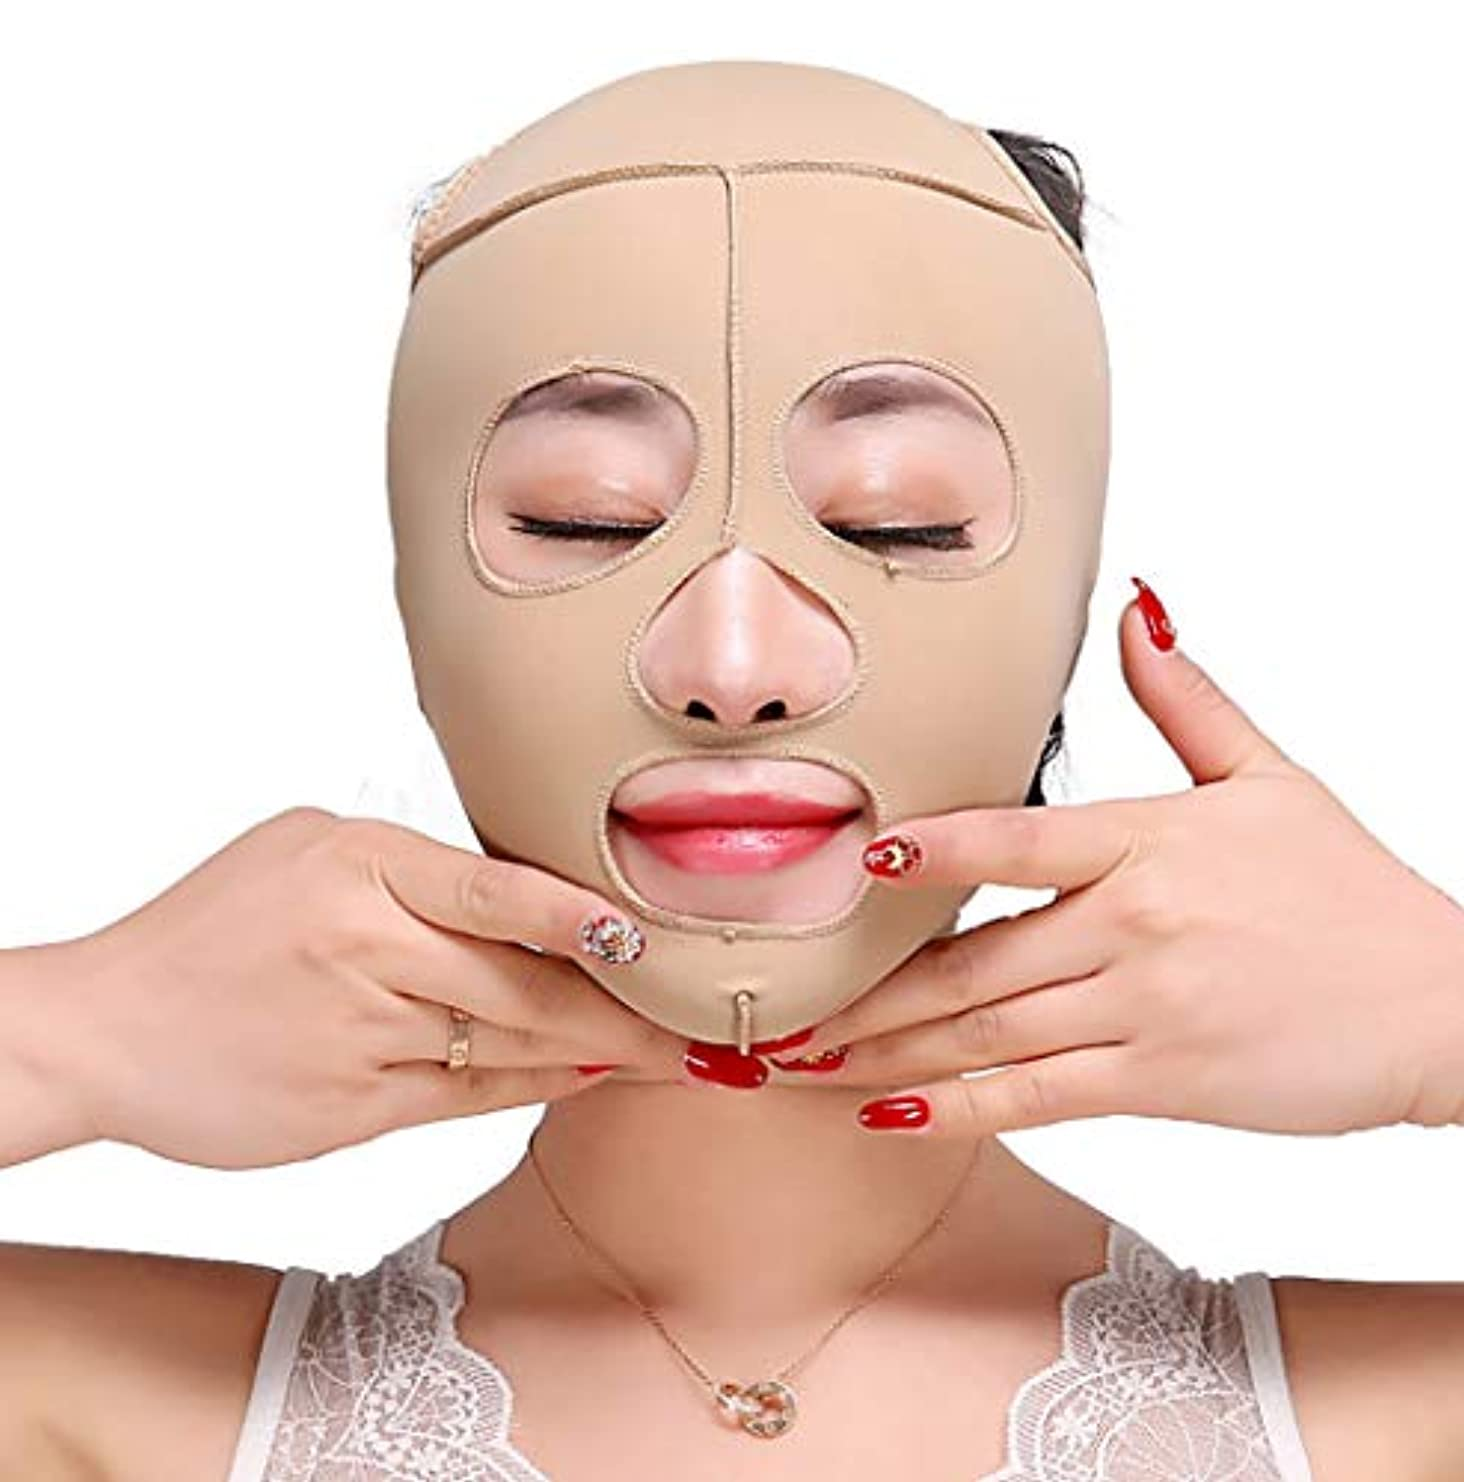 未接続パンフレット自明TLMY 痩身ベルト痩身ベルト薄い顔の包帯小V顔の顔の薄い顔のマスク包帯の強化引き締めV顔美容マスク小さな顔の包帯の頭飾り修正顔の形 顔用整形マスク (Size : M)